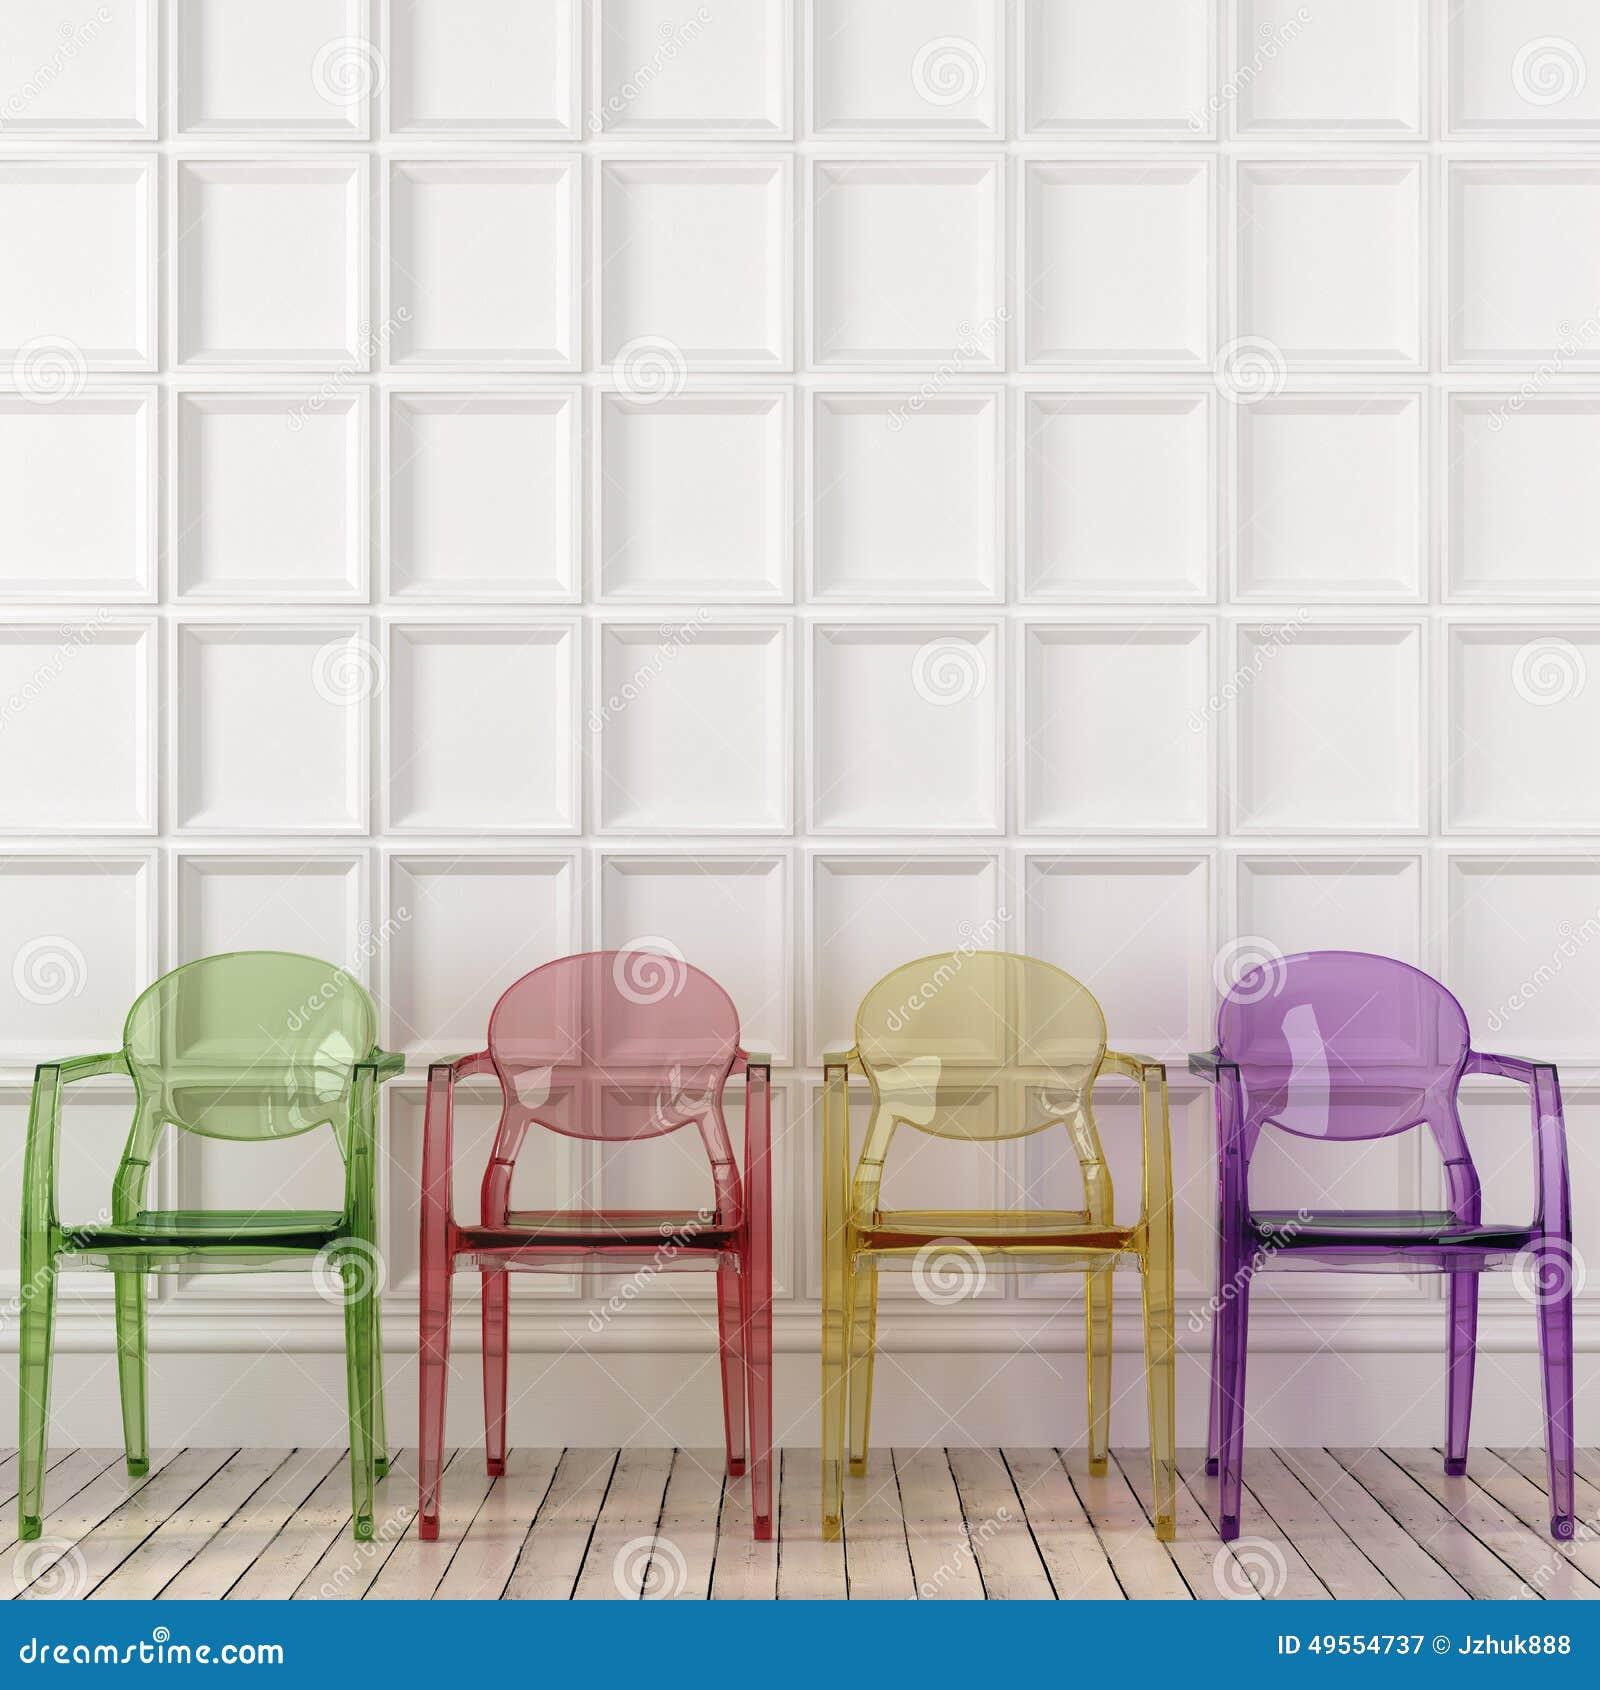 Sedie Trasparenti Colorate E Parete Bianca Immagine Stock - Immagine ...